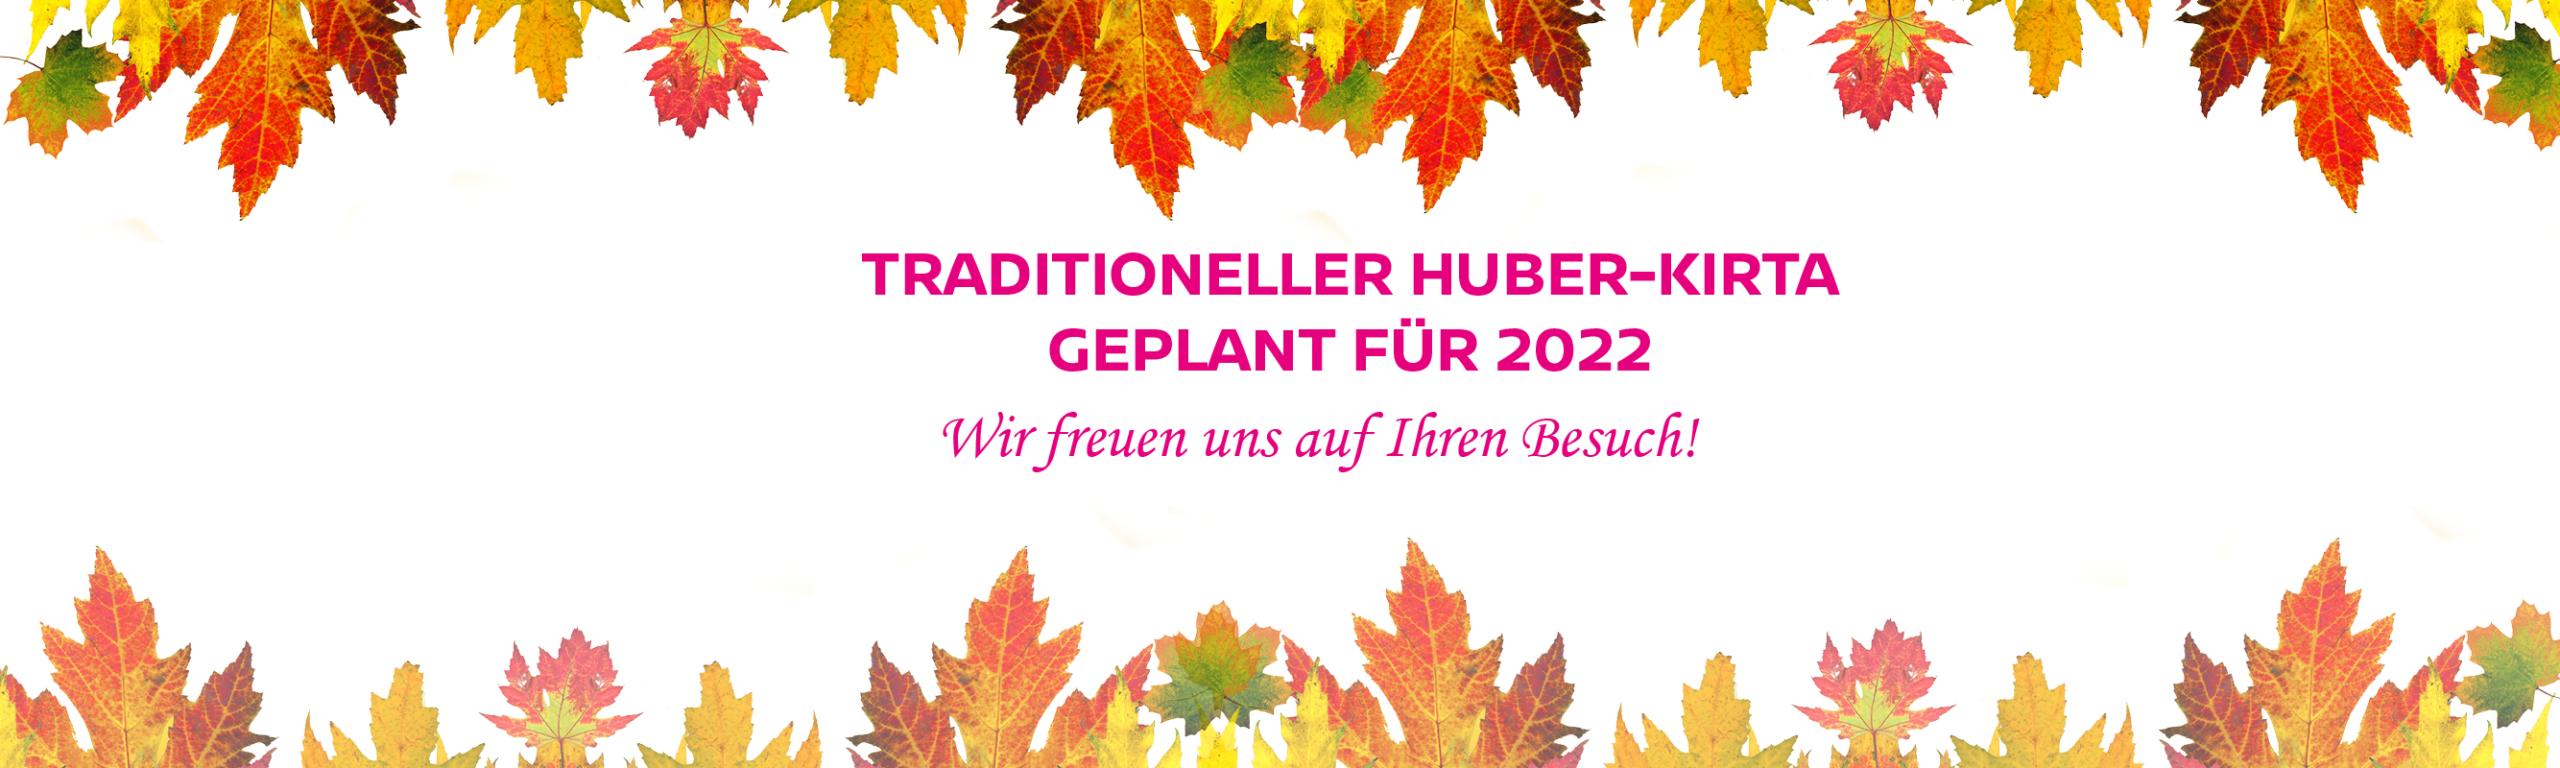 Huber Kirta 2022